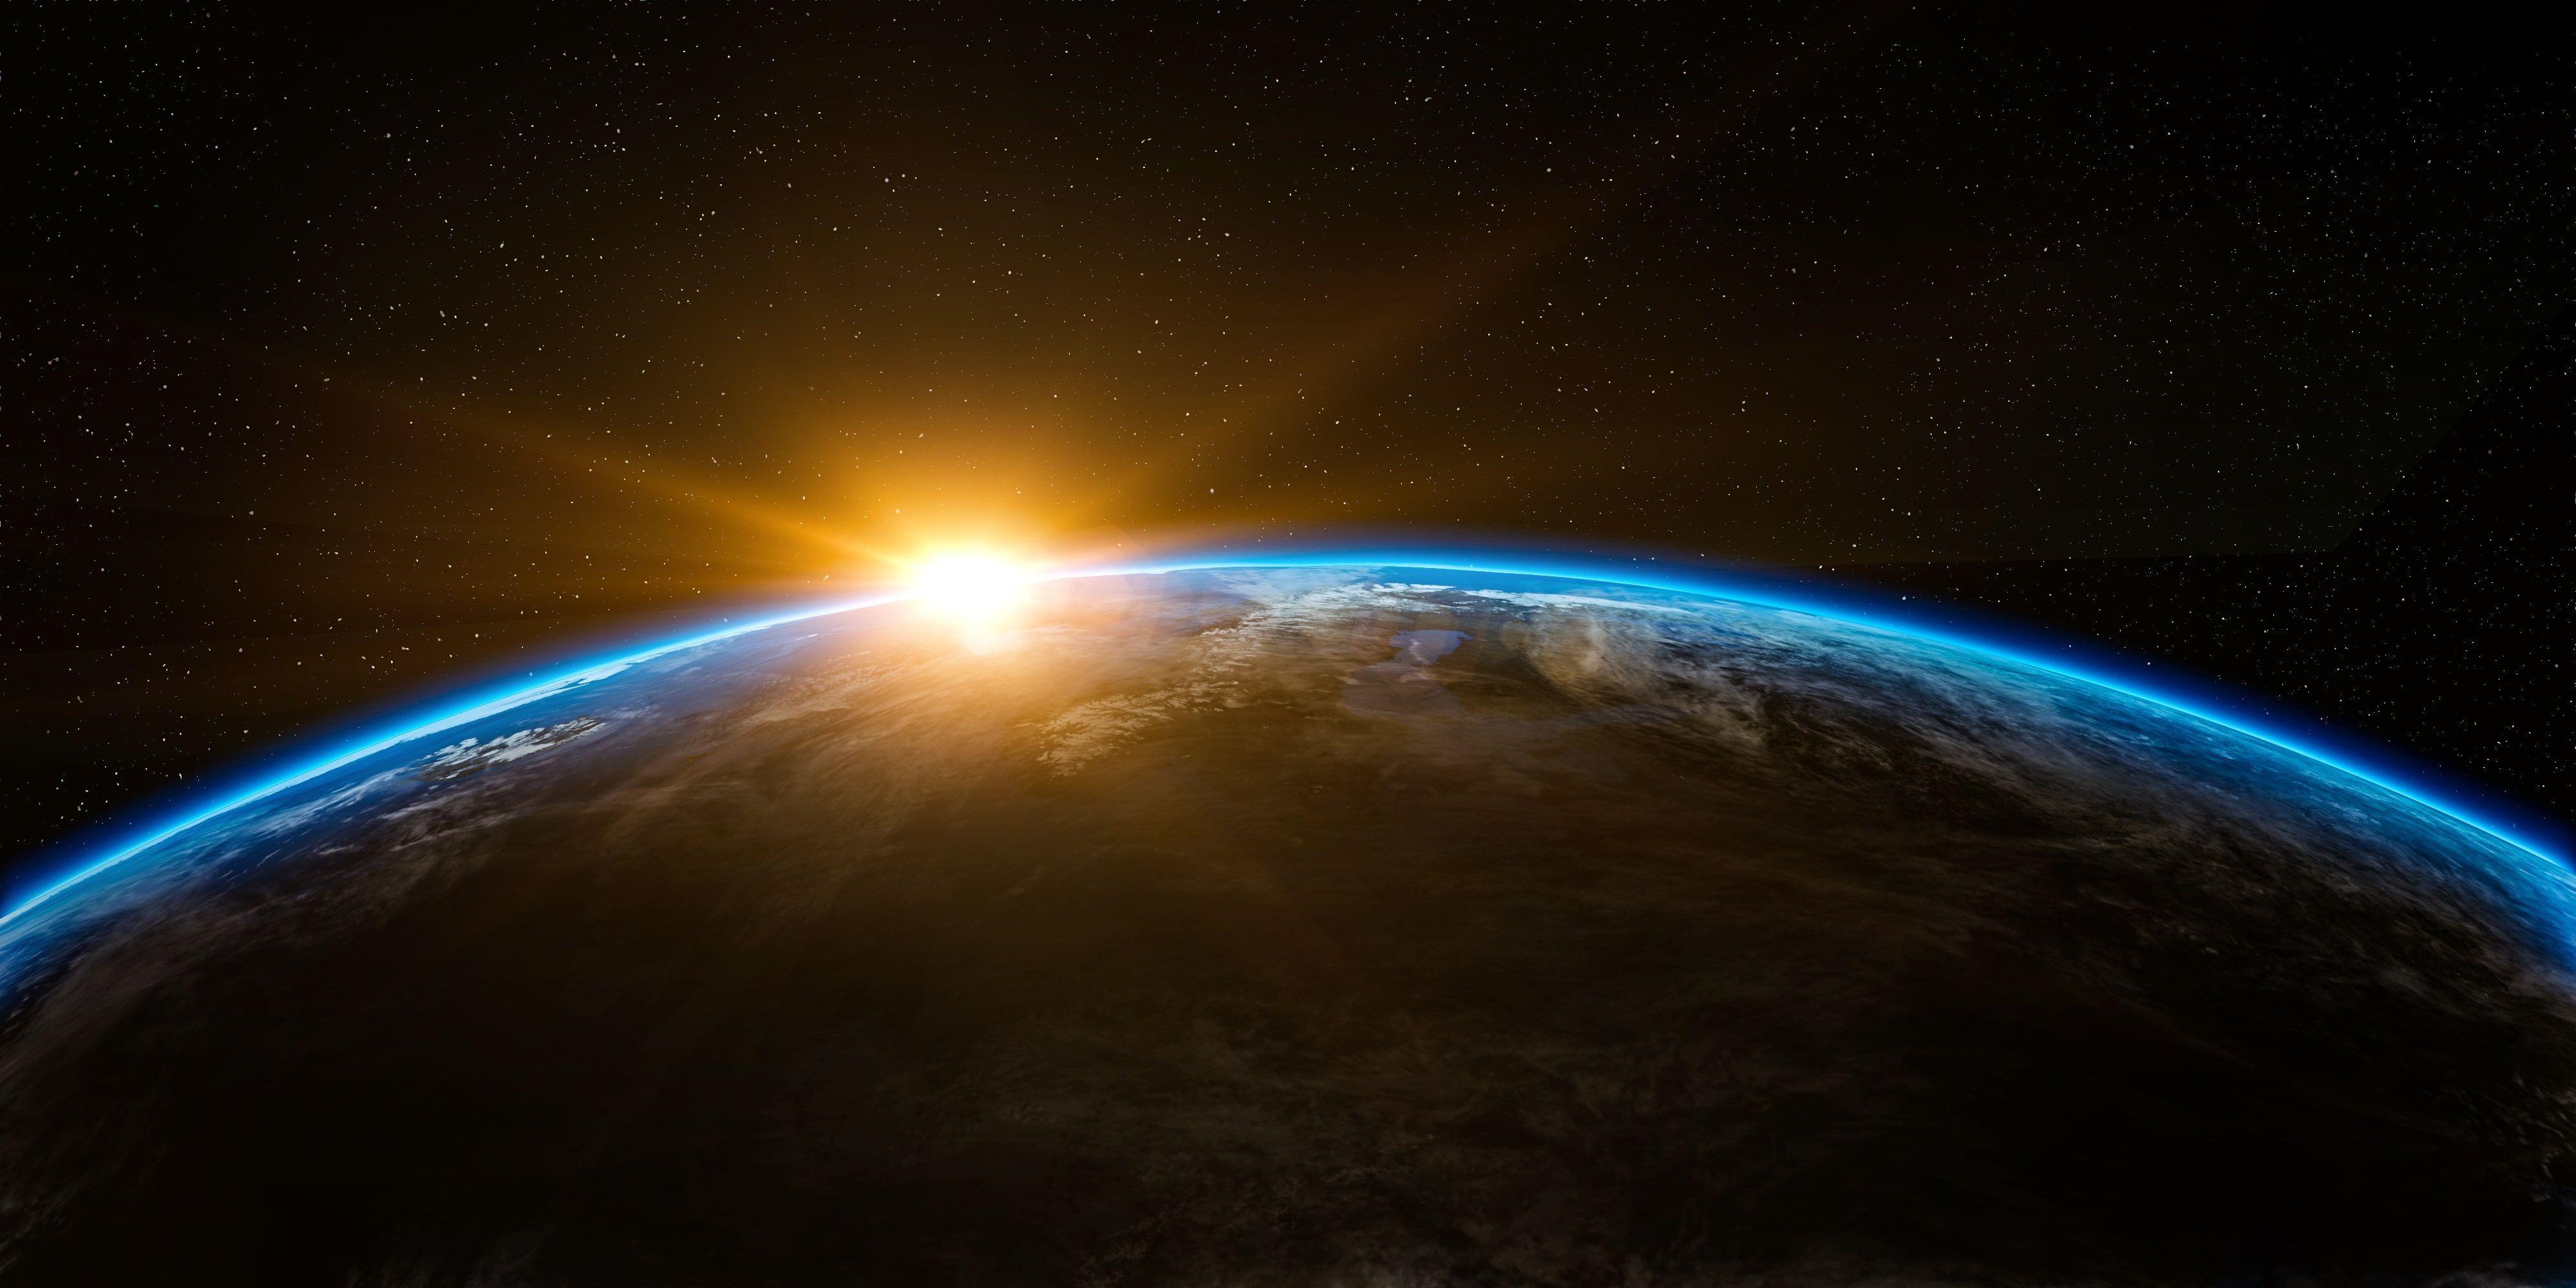 4k Sunset Earth 4k Wallpaper Hdwallpaper Desktop Earth Planet Earth Sunrise Outer space earth sunset space planet